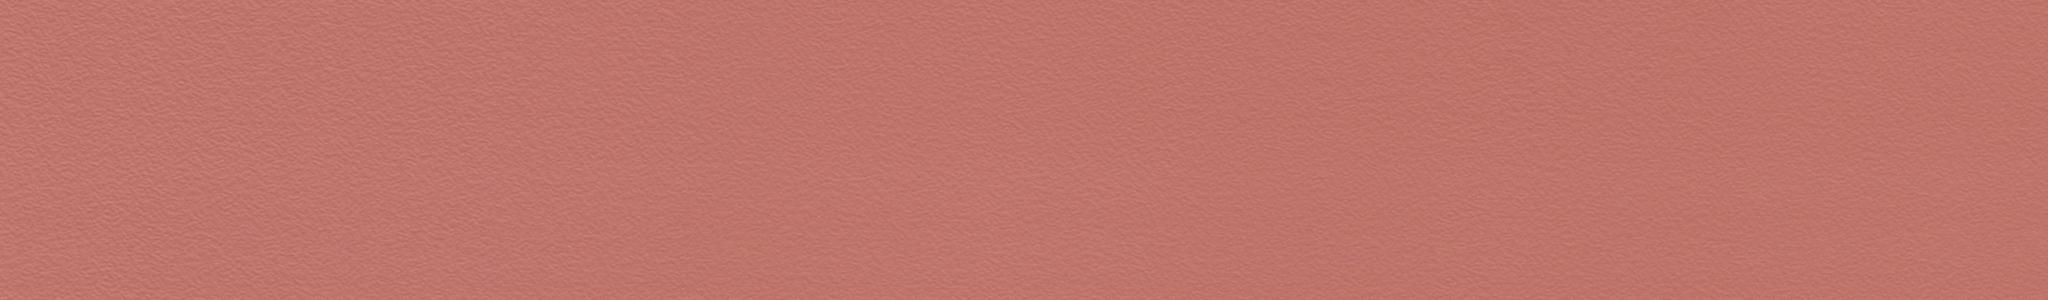 HU 146051 Кромка ABS Сиена Оранжево-красный - Шагрень XG